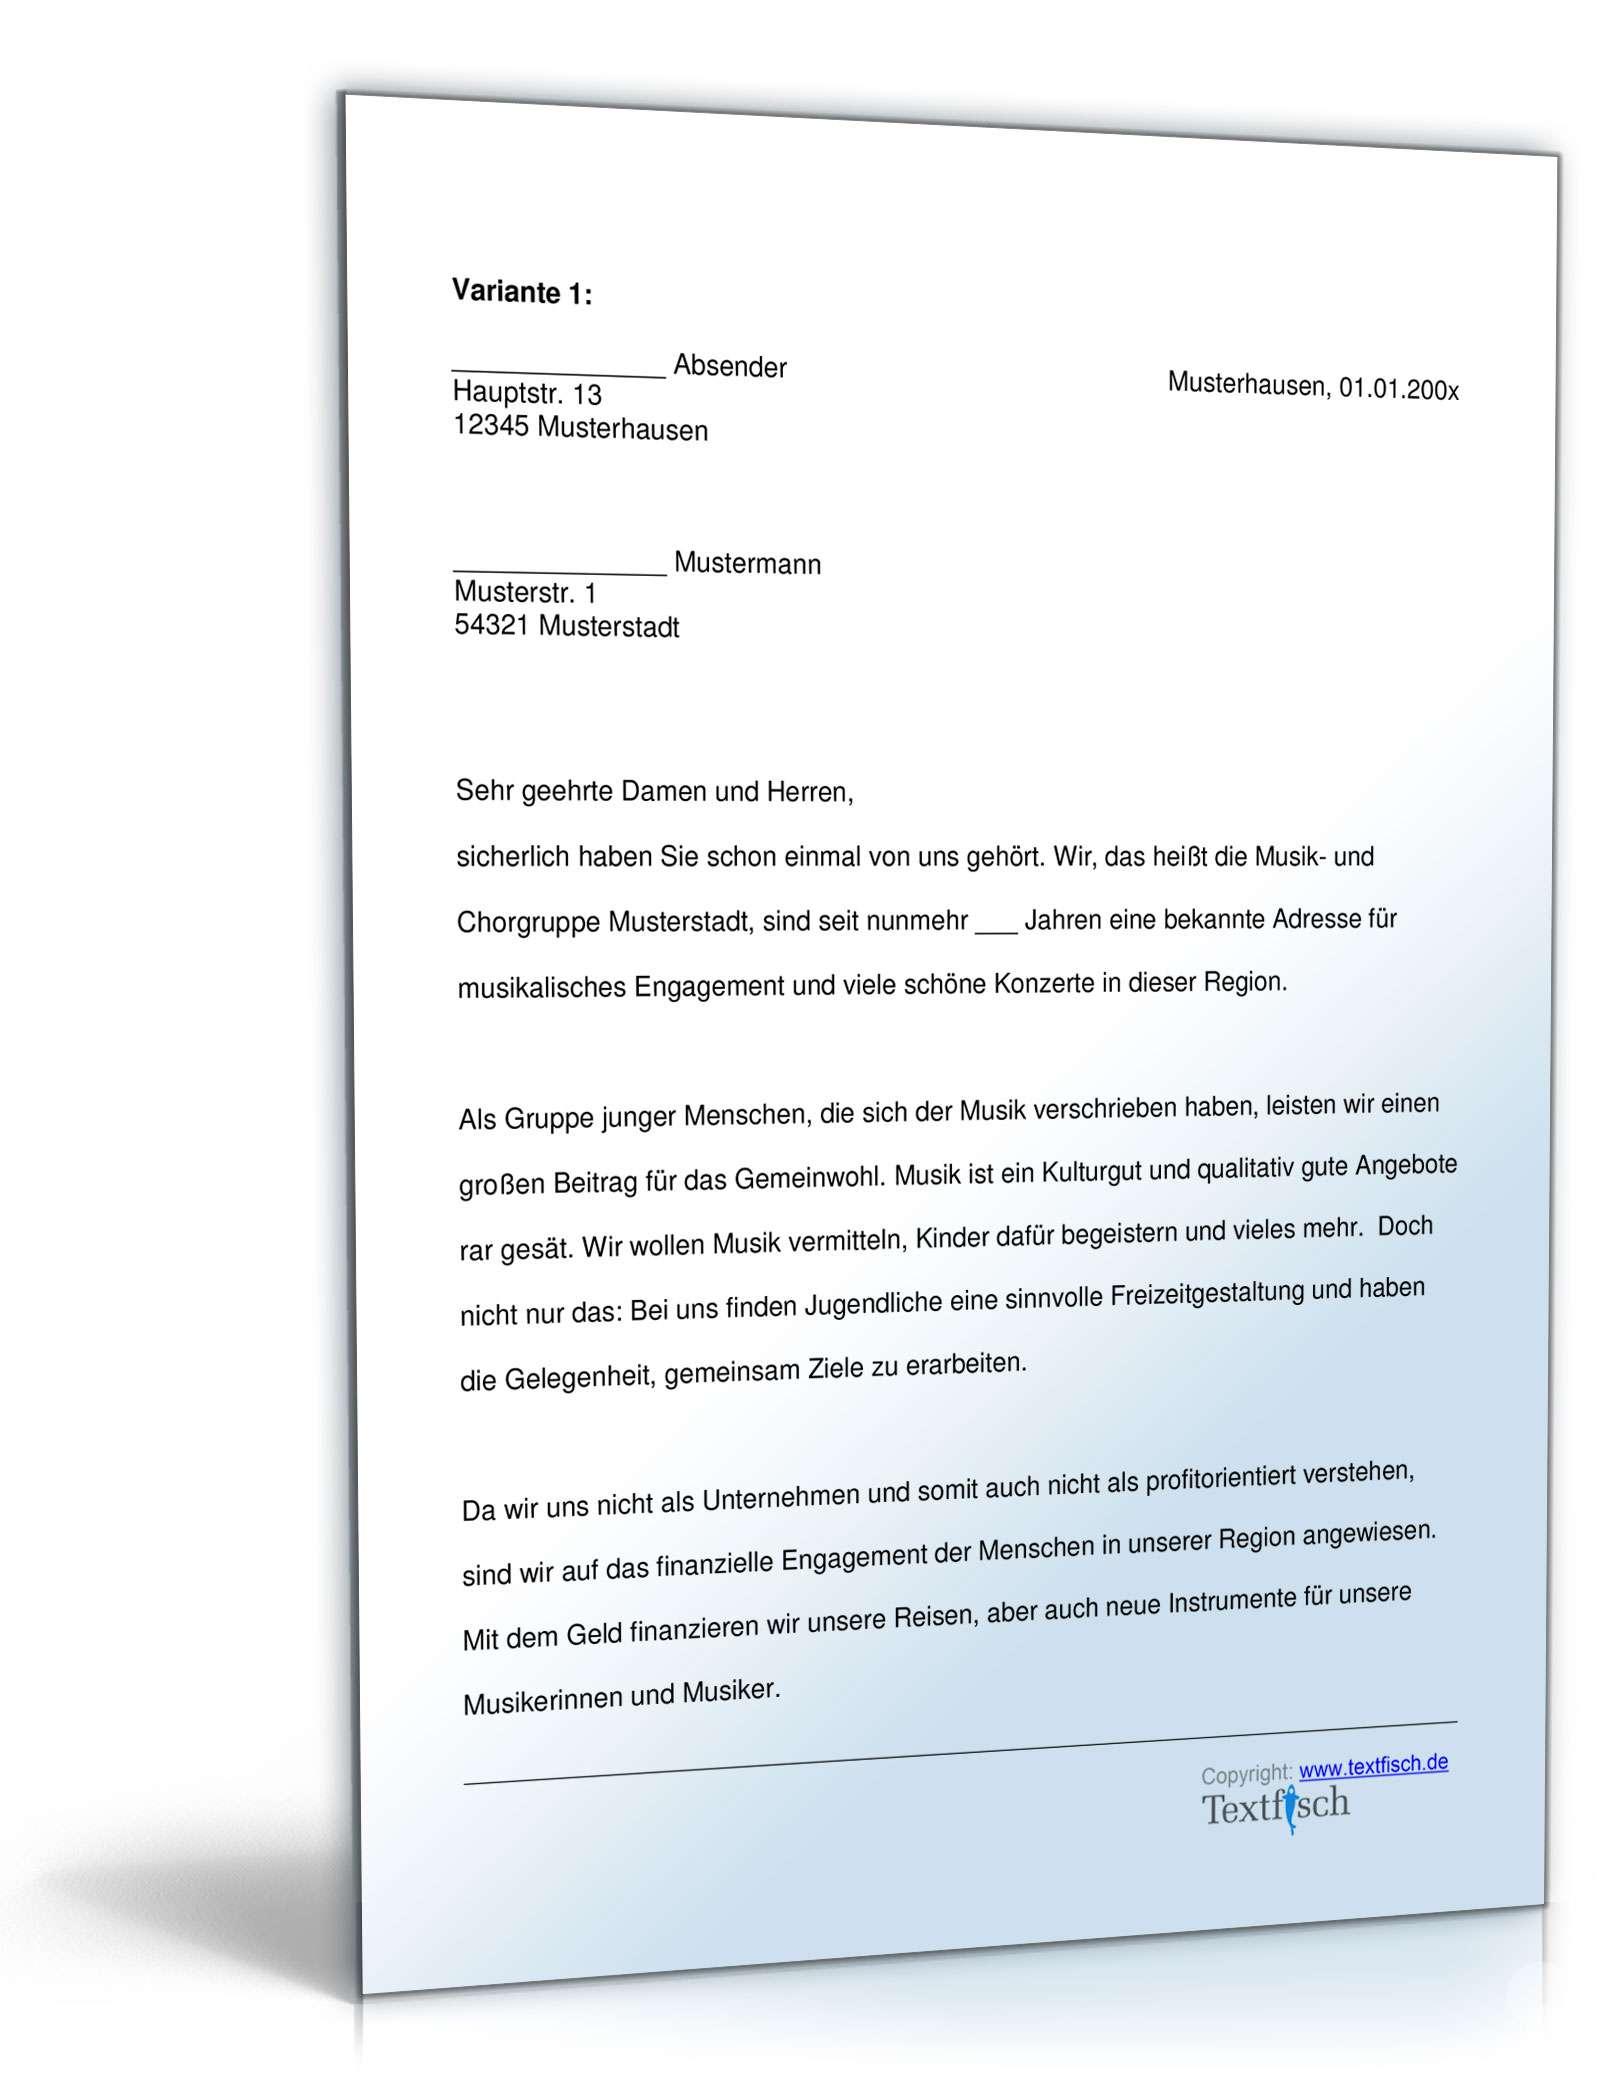 Charmant Vorlage Sponsor Formular Fotos - Entry Level Resume ...